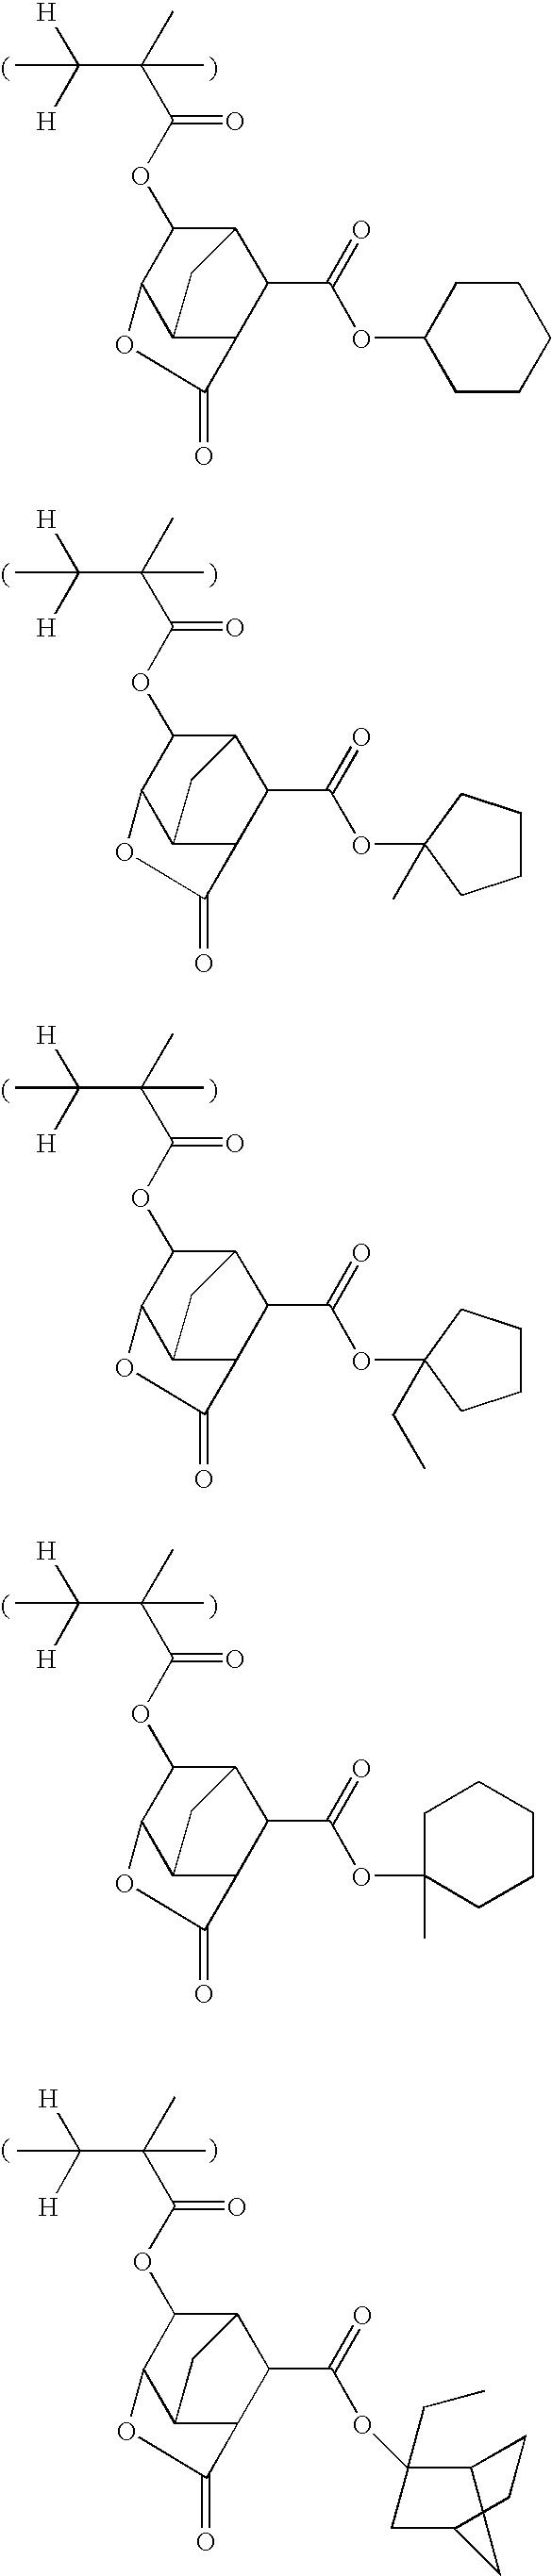 Figure US07537880-20090526-C00041